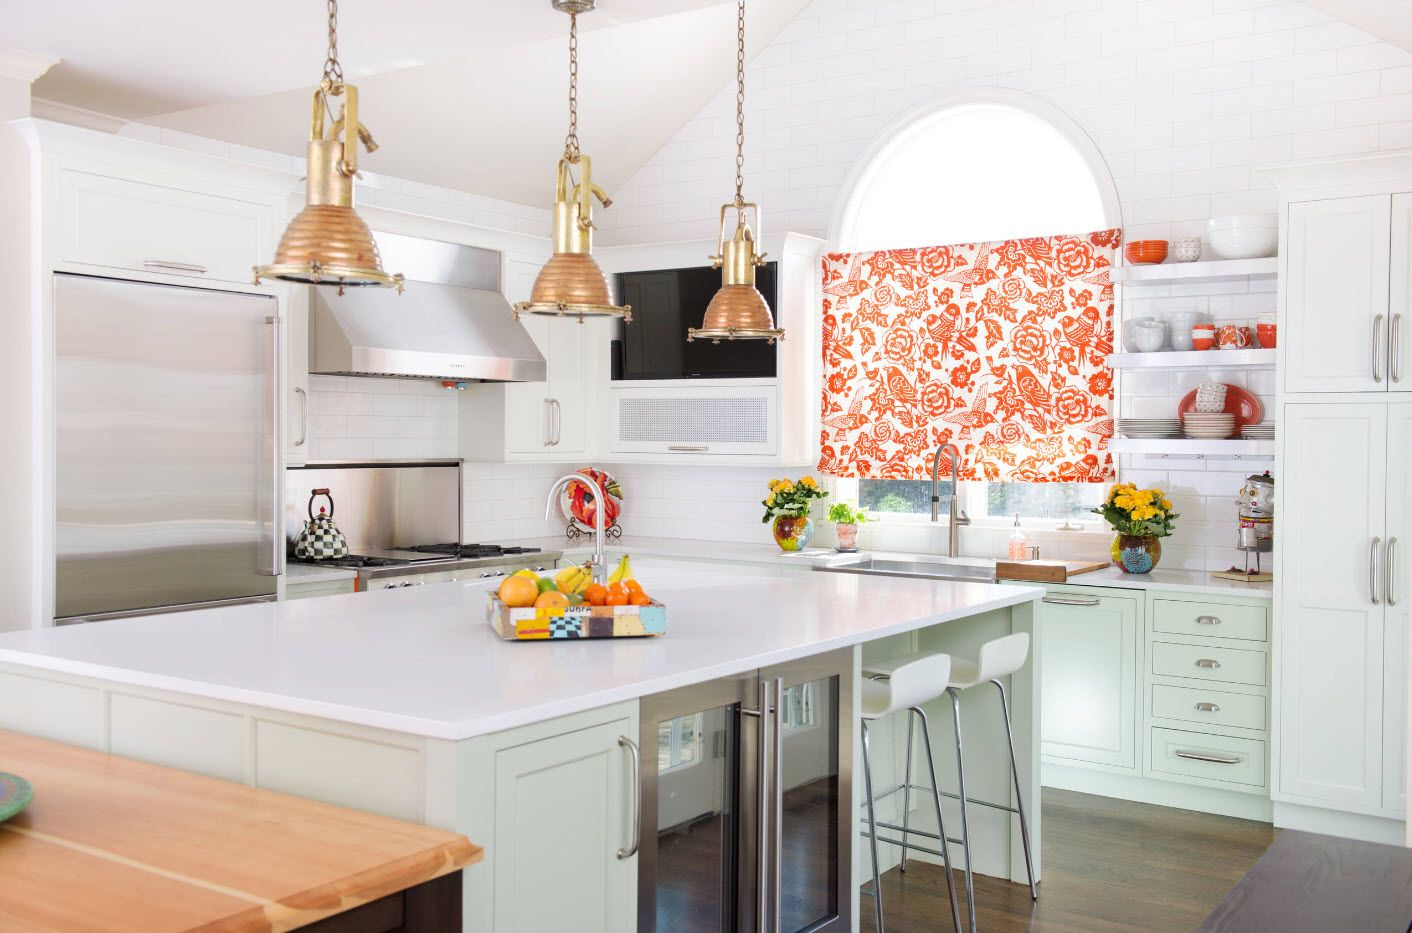 Перед тем как принятся за пошив штор на кухню, нужно выбрать модель и ткань для ее изготовления